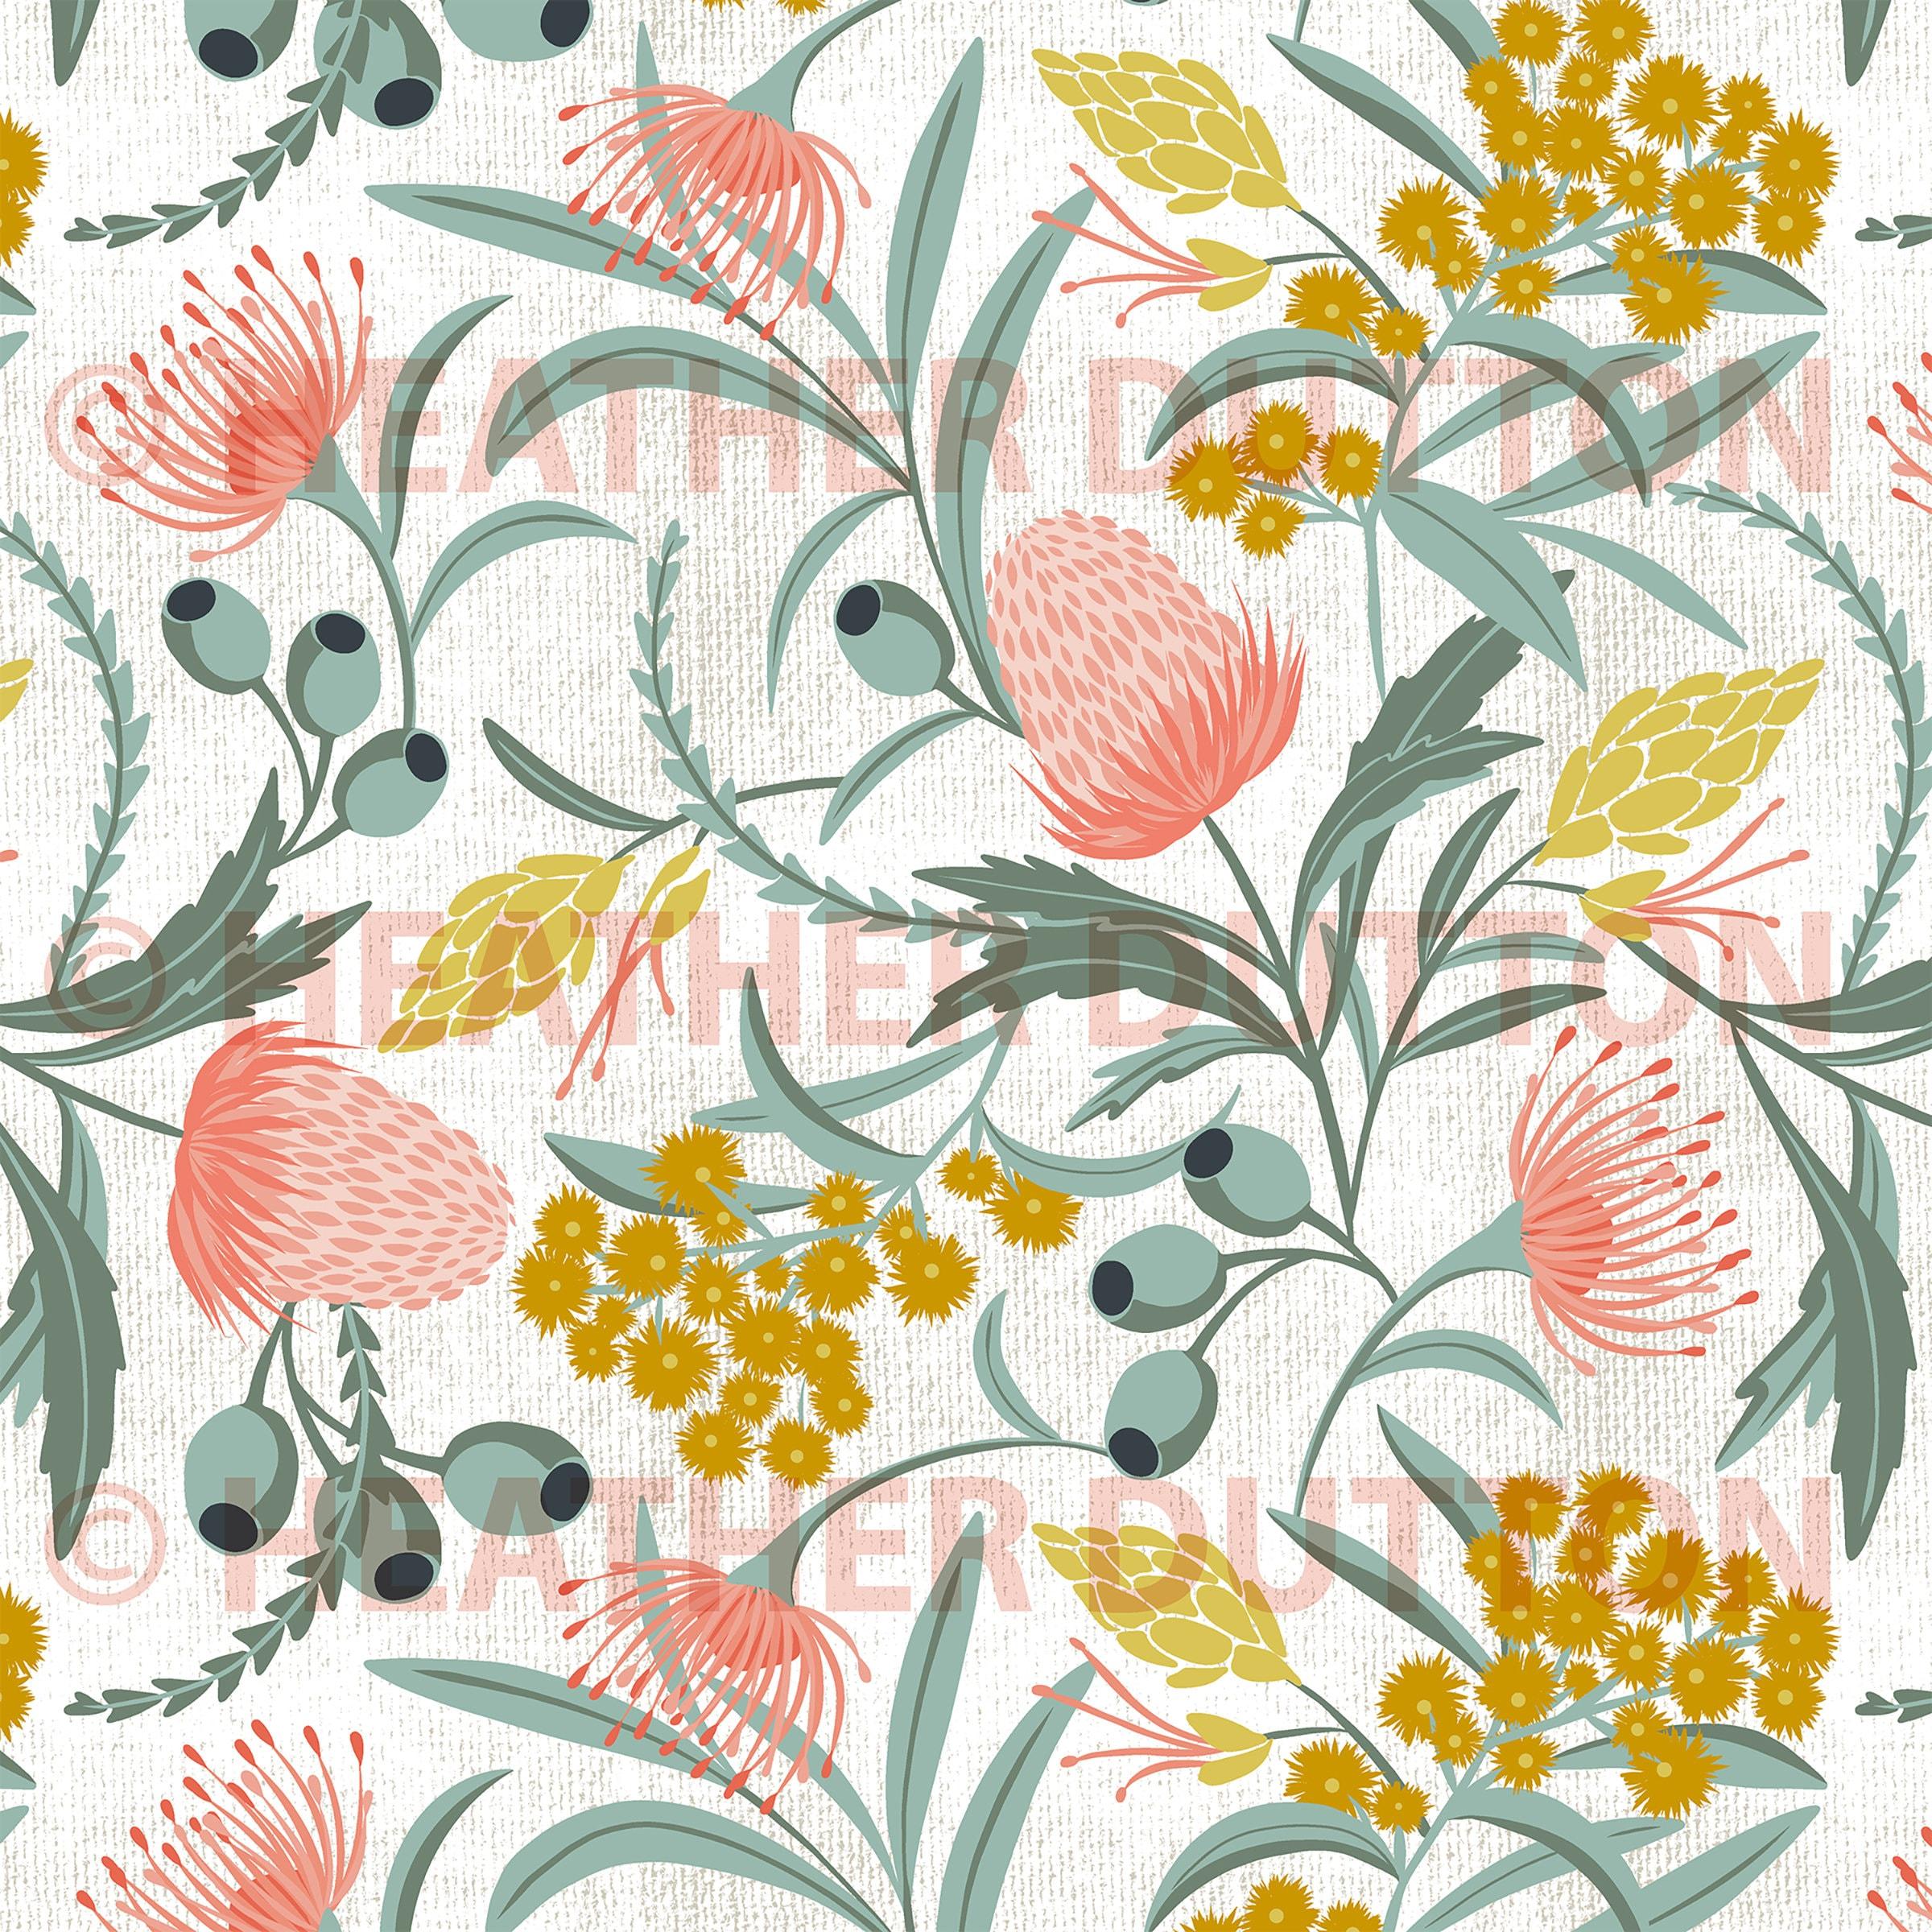 Couverture de couette florale // Couverture de duvet de Boho // Duvet Cover Queen // Home Decor // Lightweight Duvet Cover // Duvet Cover King // Australis White